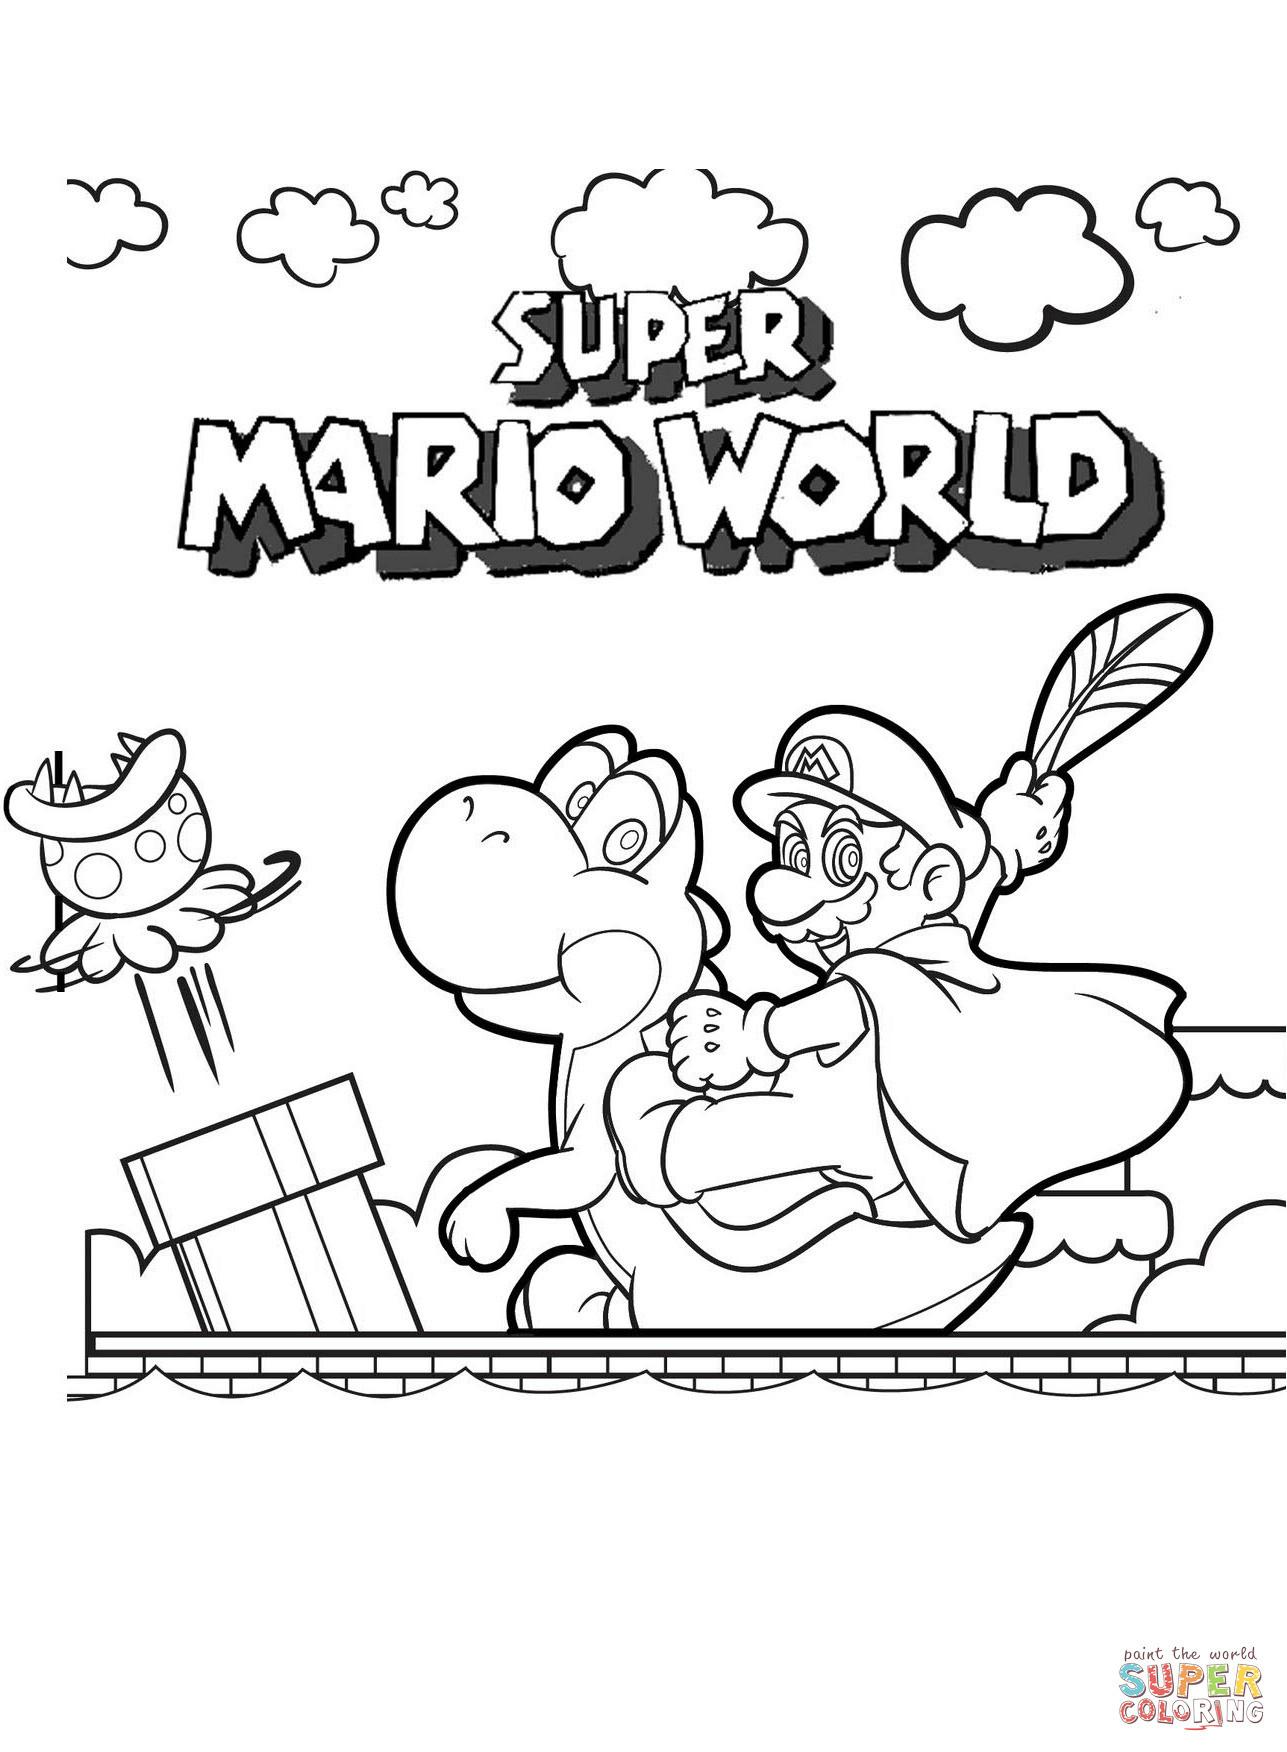 Malvorlage Super Mario Einzigartig Ausmalbild Super Mario World Frisch Ausmalbilder Super Mario 3d Galerie